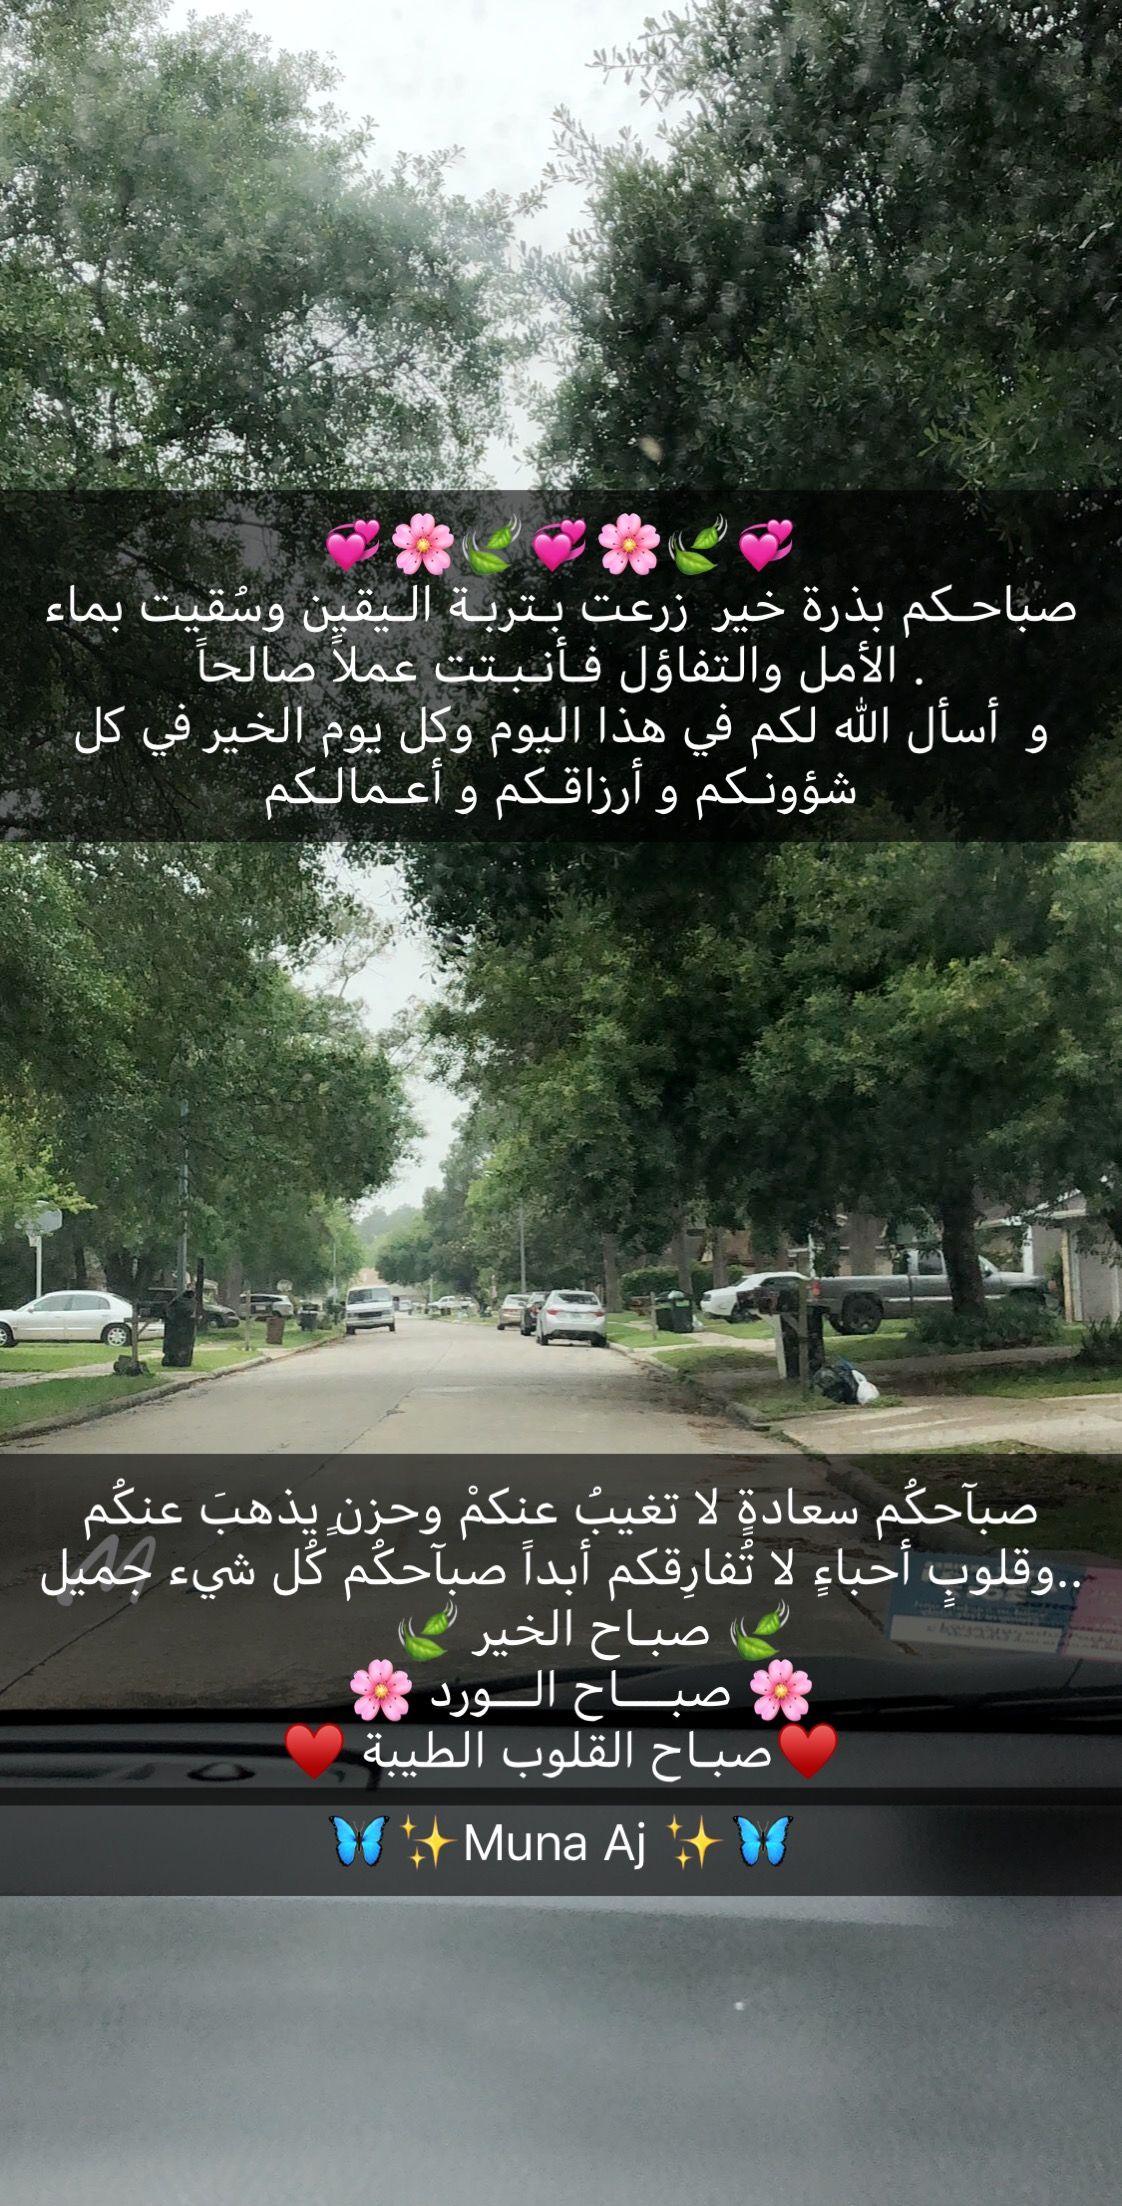 Pin By Babiker Badri On صباح ومساء الخير اقتباسات جميله Good Morning Gif Morning Gif Relationship